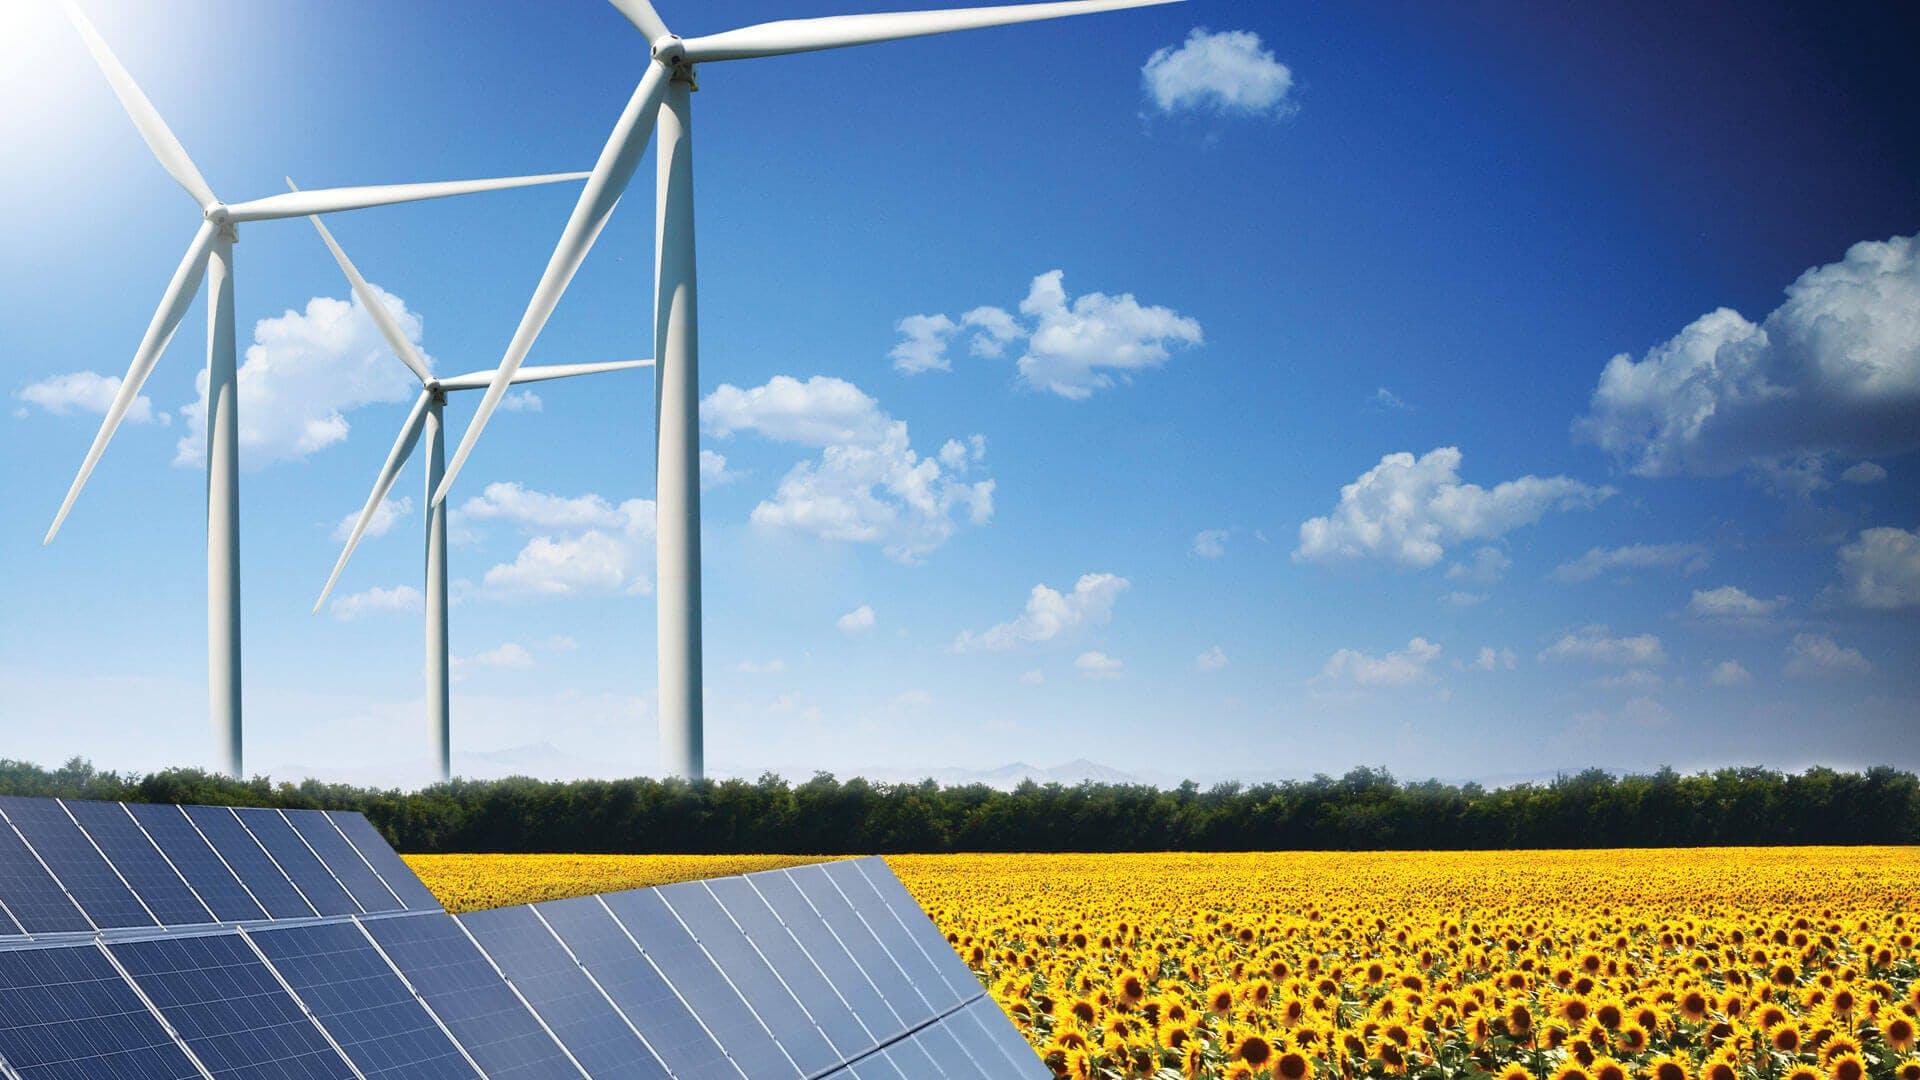 Pannelli solari in primo piano con pale eoliche sullo sfondo